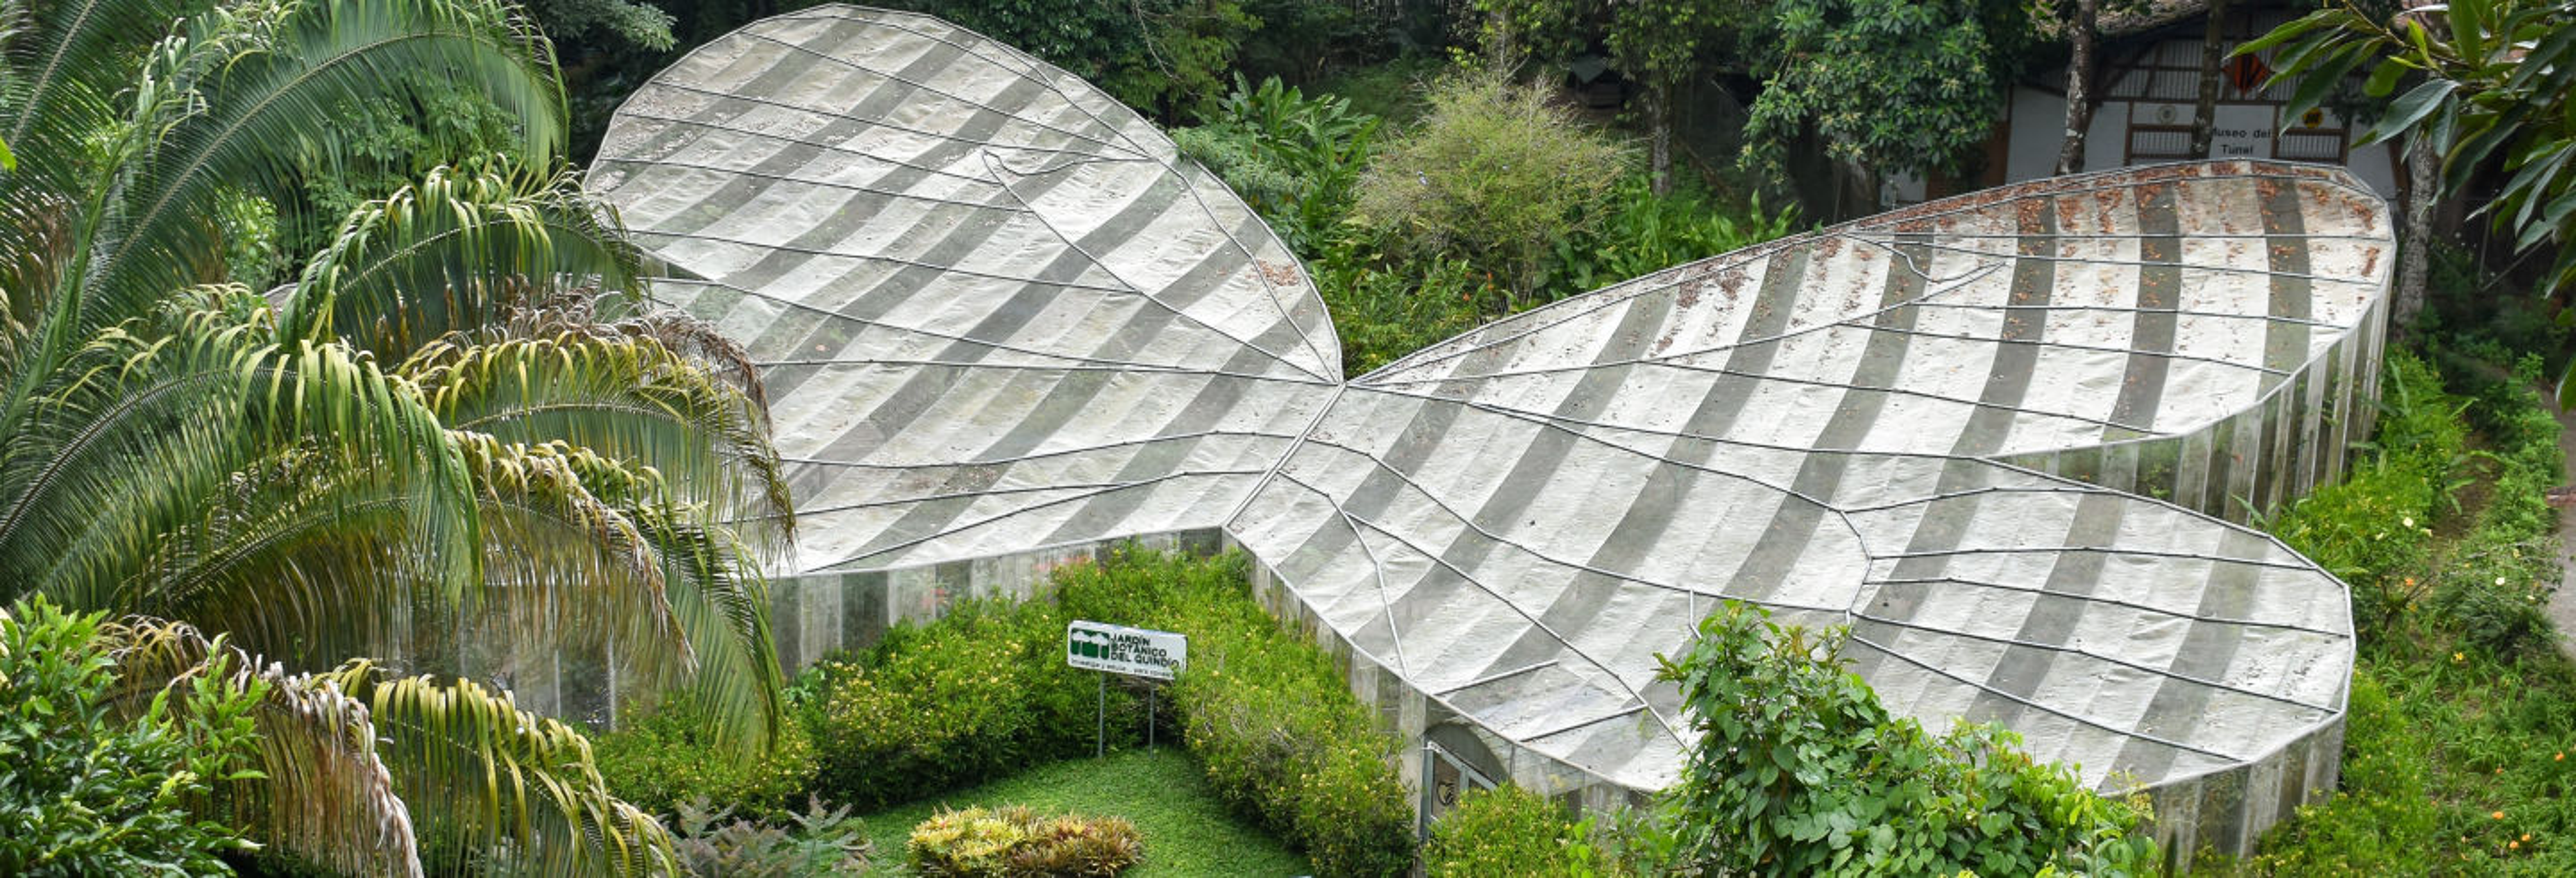 Visita guiada por el Jardín Botánico del Quindío